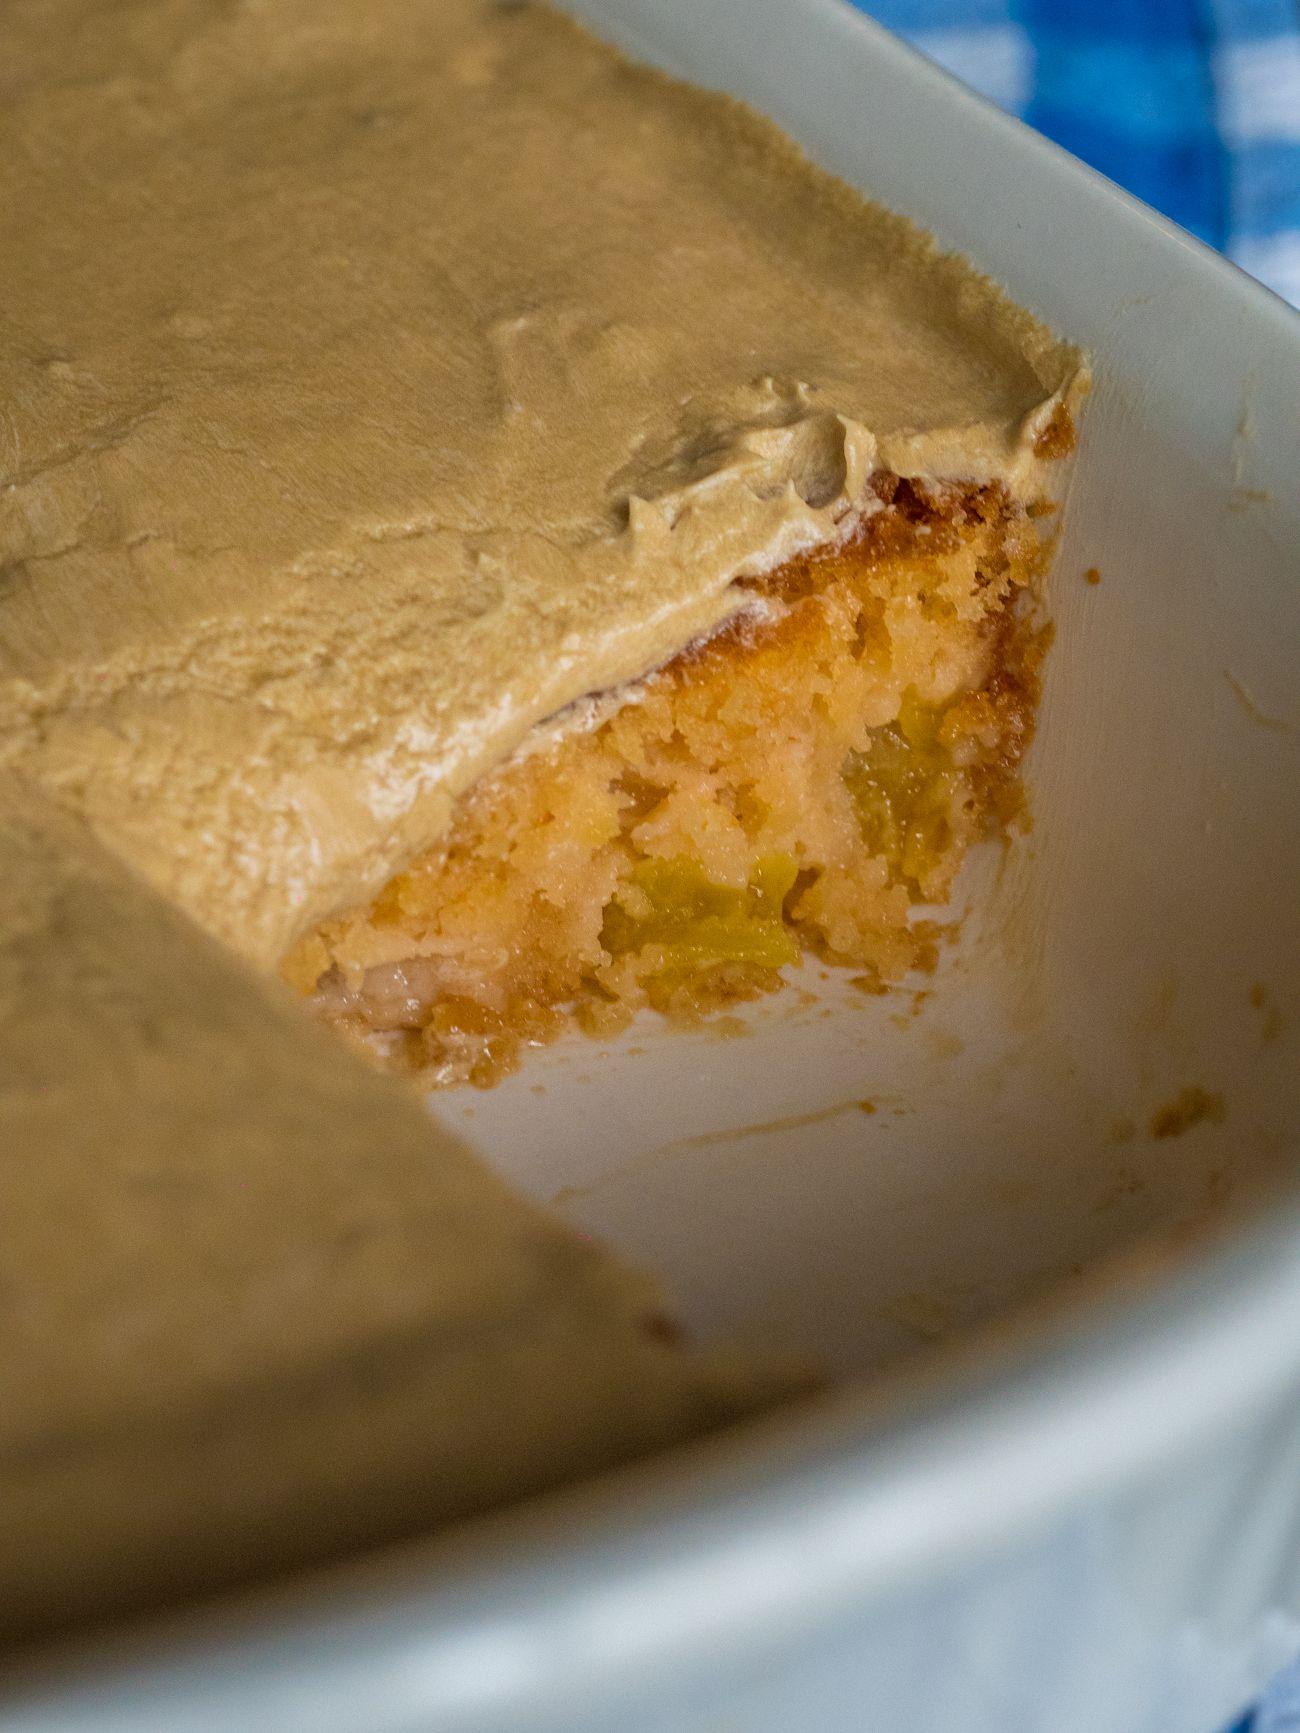 Fransız cheesecake: lor tatlısı hazırlanması için bir reçete